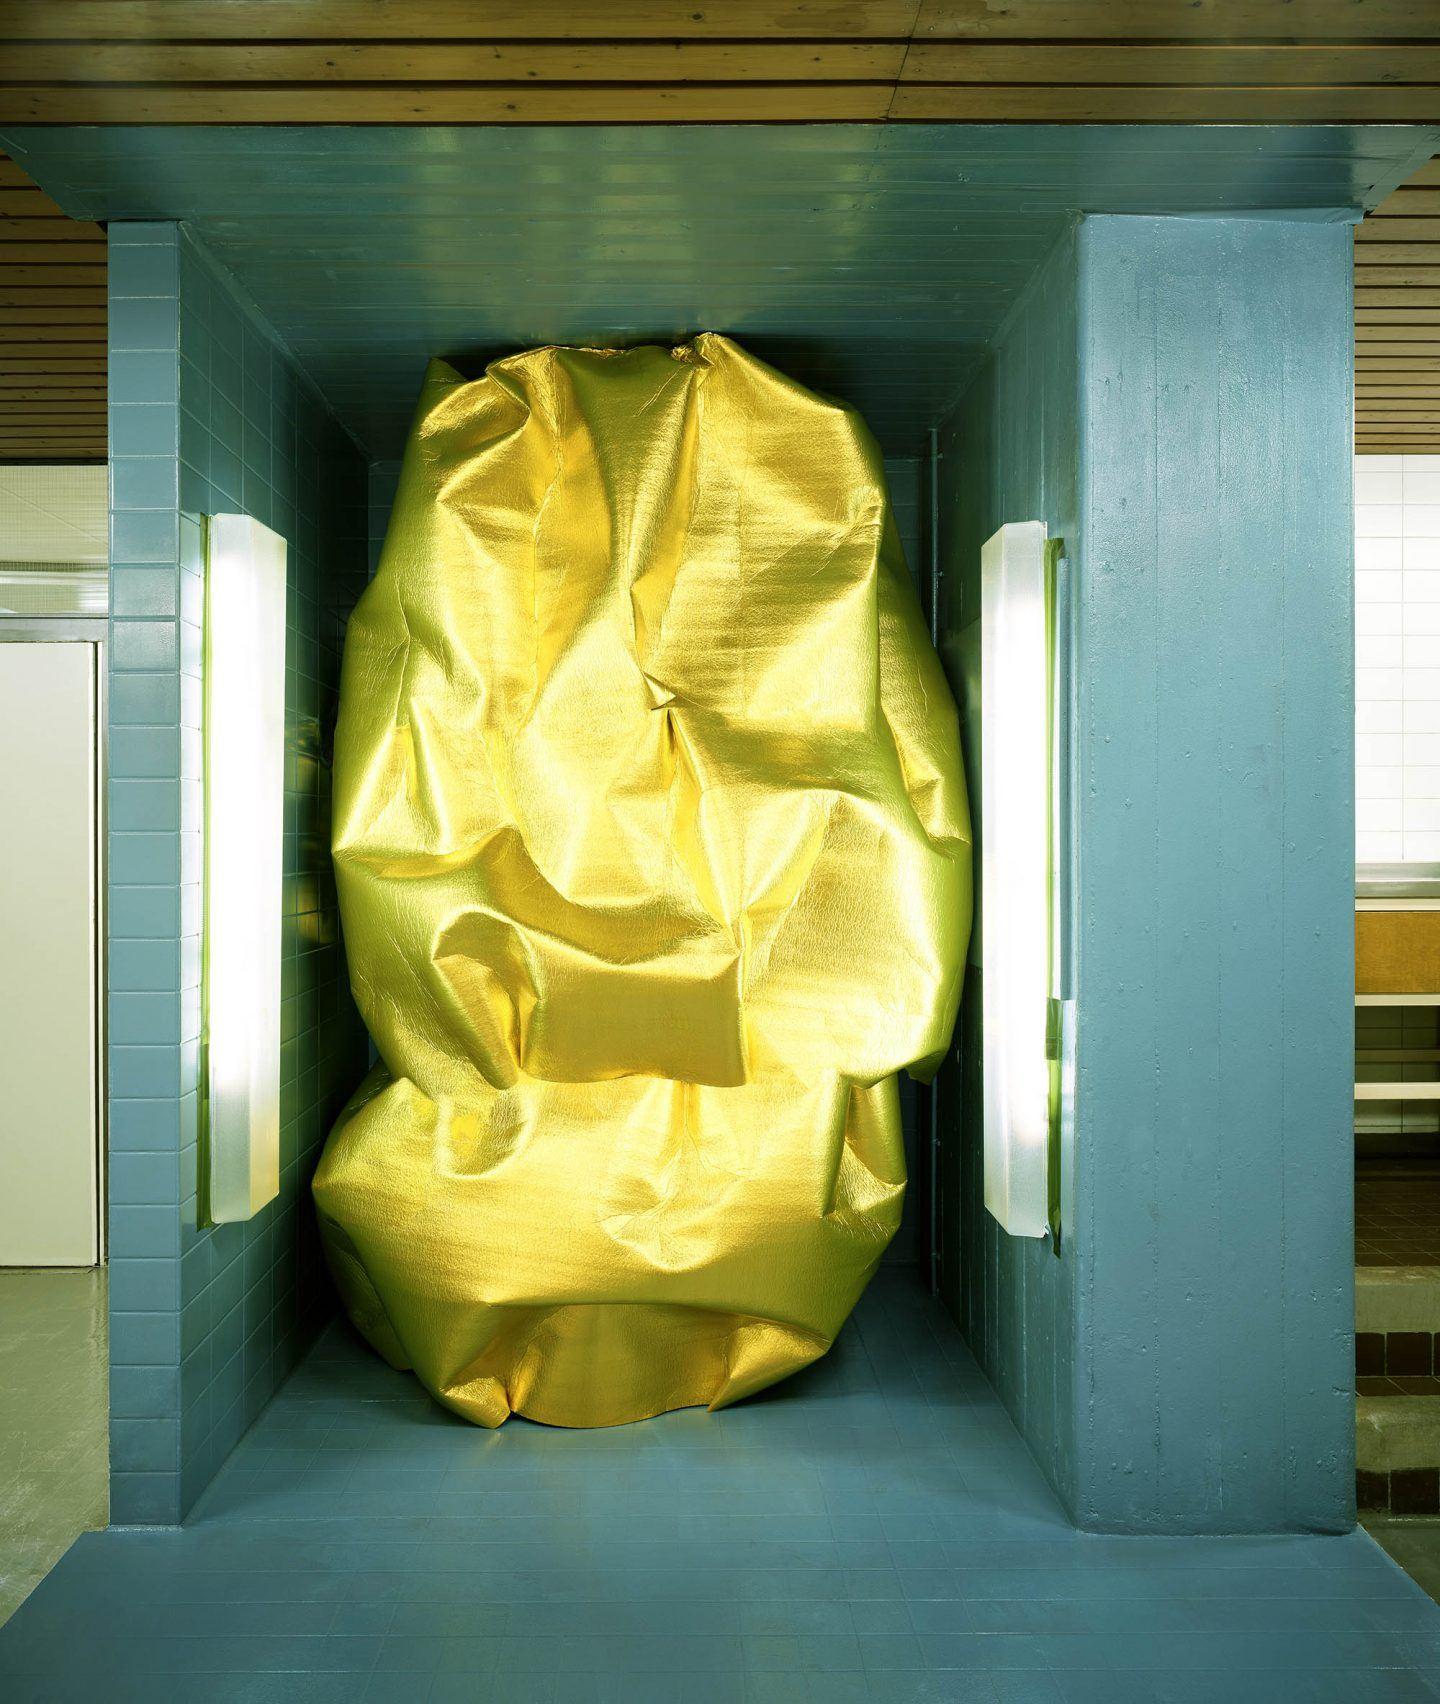 IGNANT-Art-Marleen-Sleeuwits-Installations-001